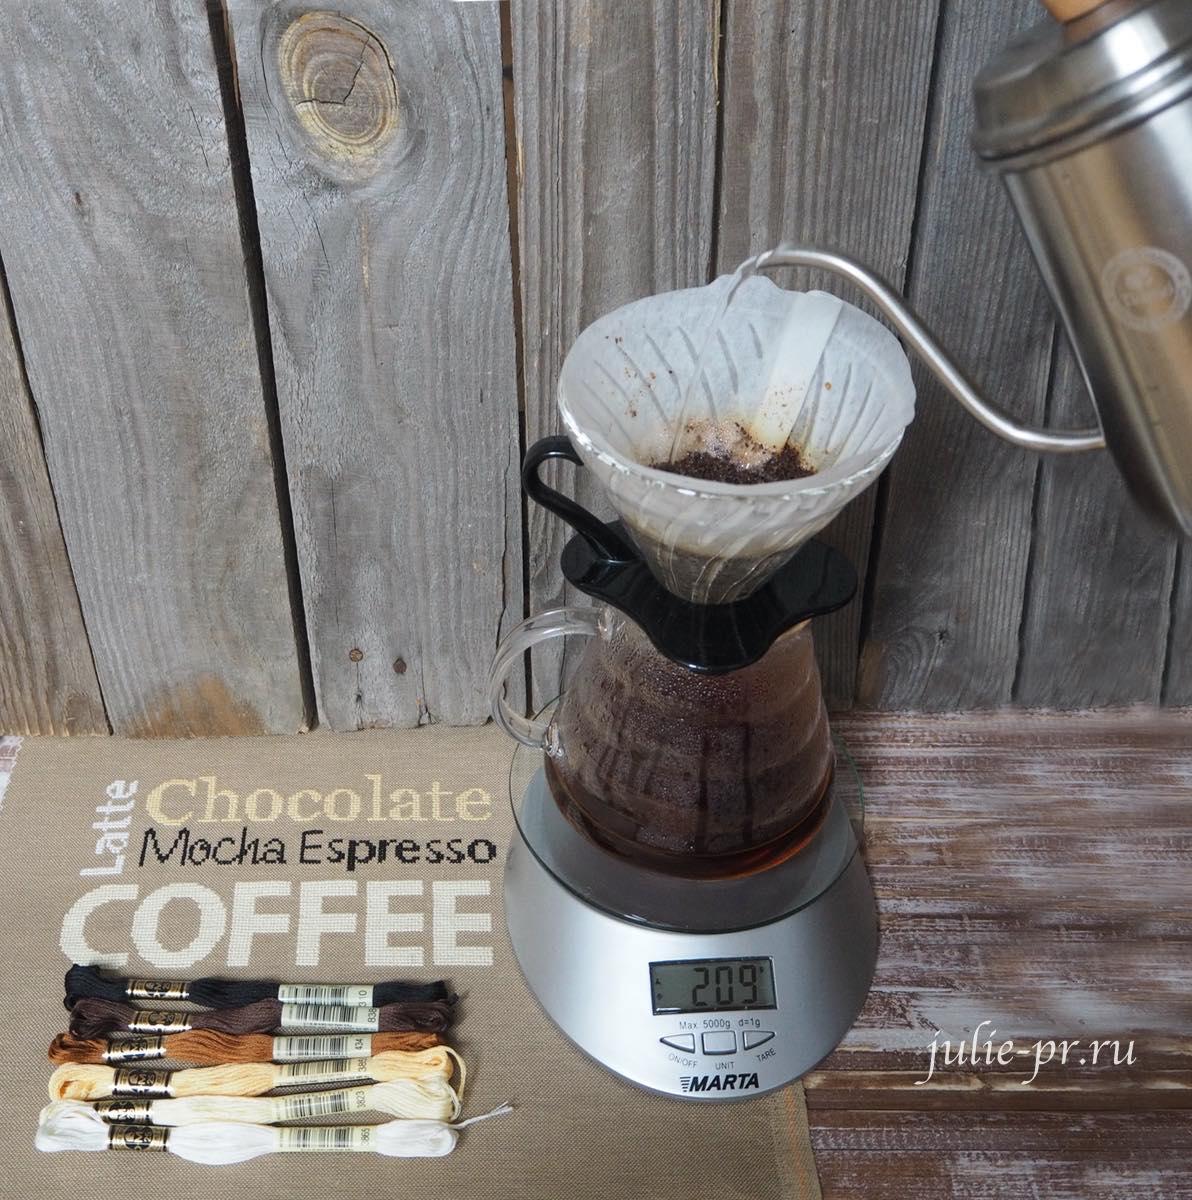 Isabelle Vautier, What Else, кофейный семплер, кофе, вышивка крестом, примитив, кофе в воронке V60